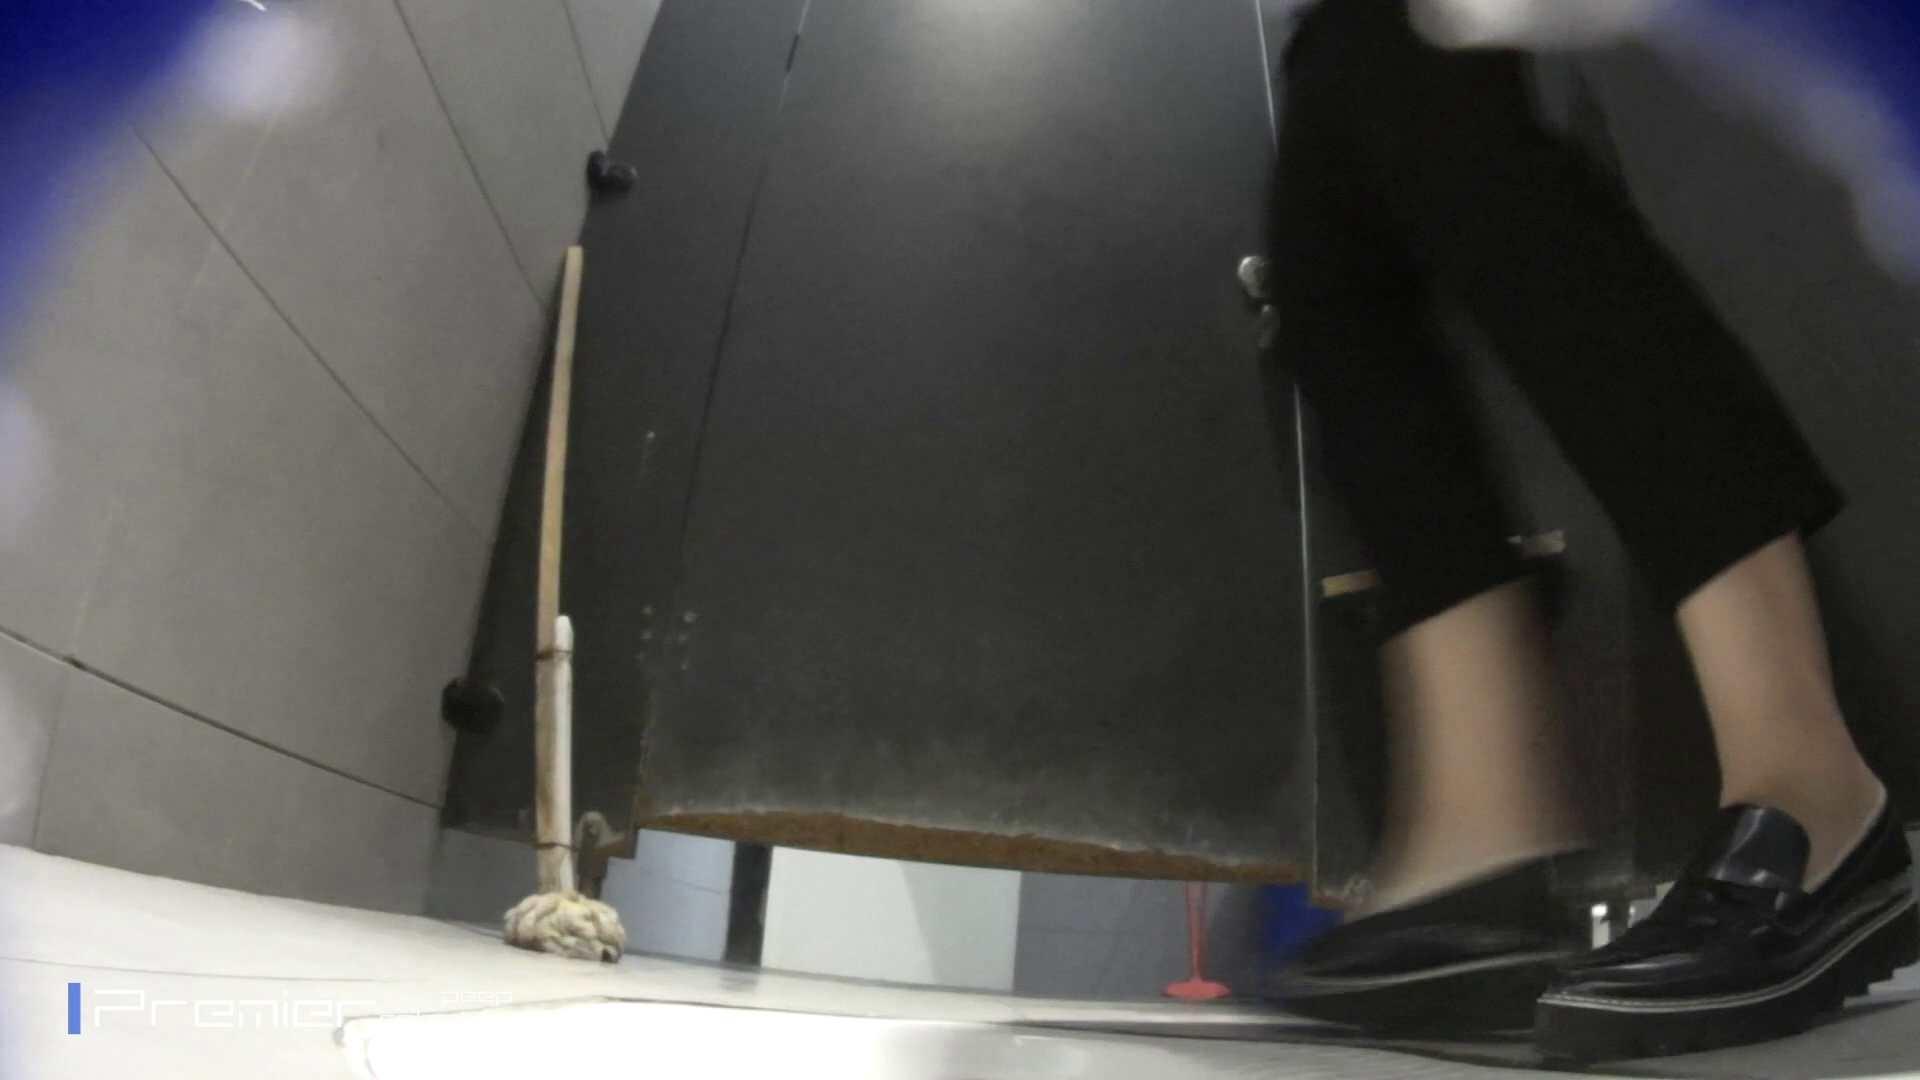 トイレットペーパーを握りしめ個室に入る乙女 大学休憩時間の洗面所事情83 トイレで・・・ おまんこ動画流出 39画像 10